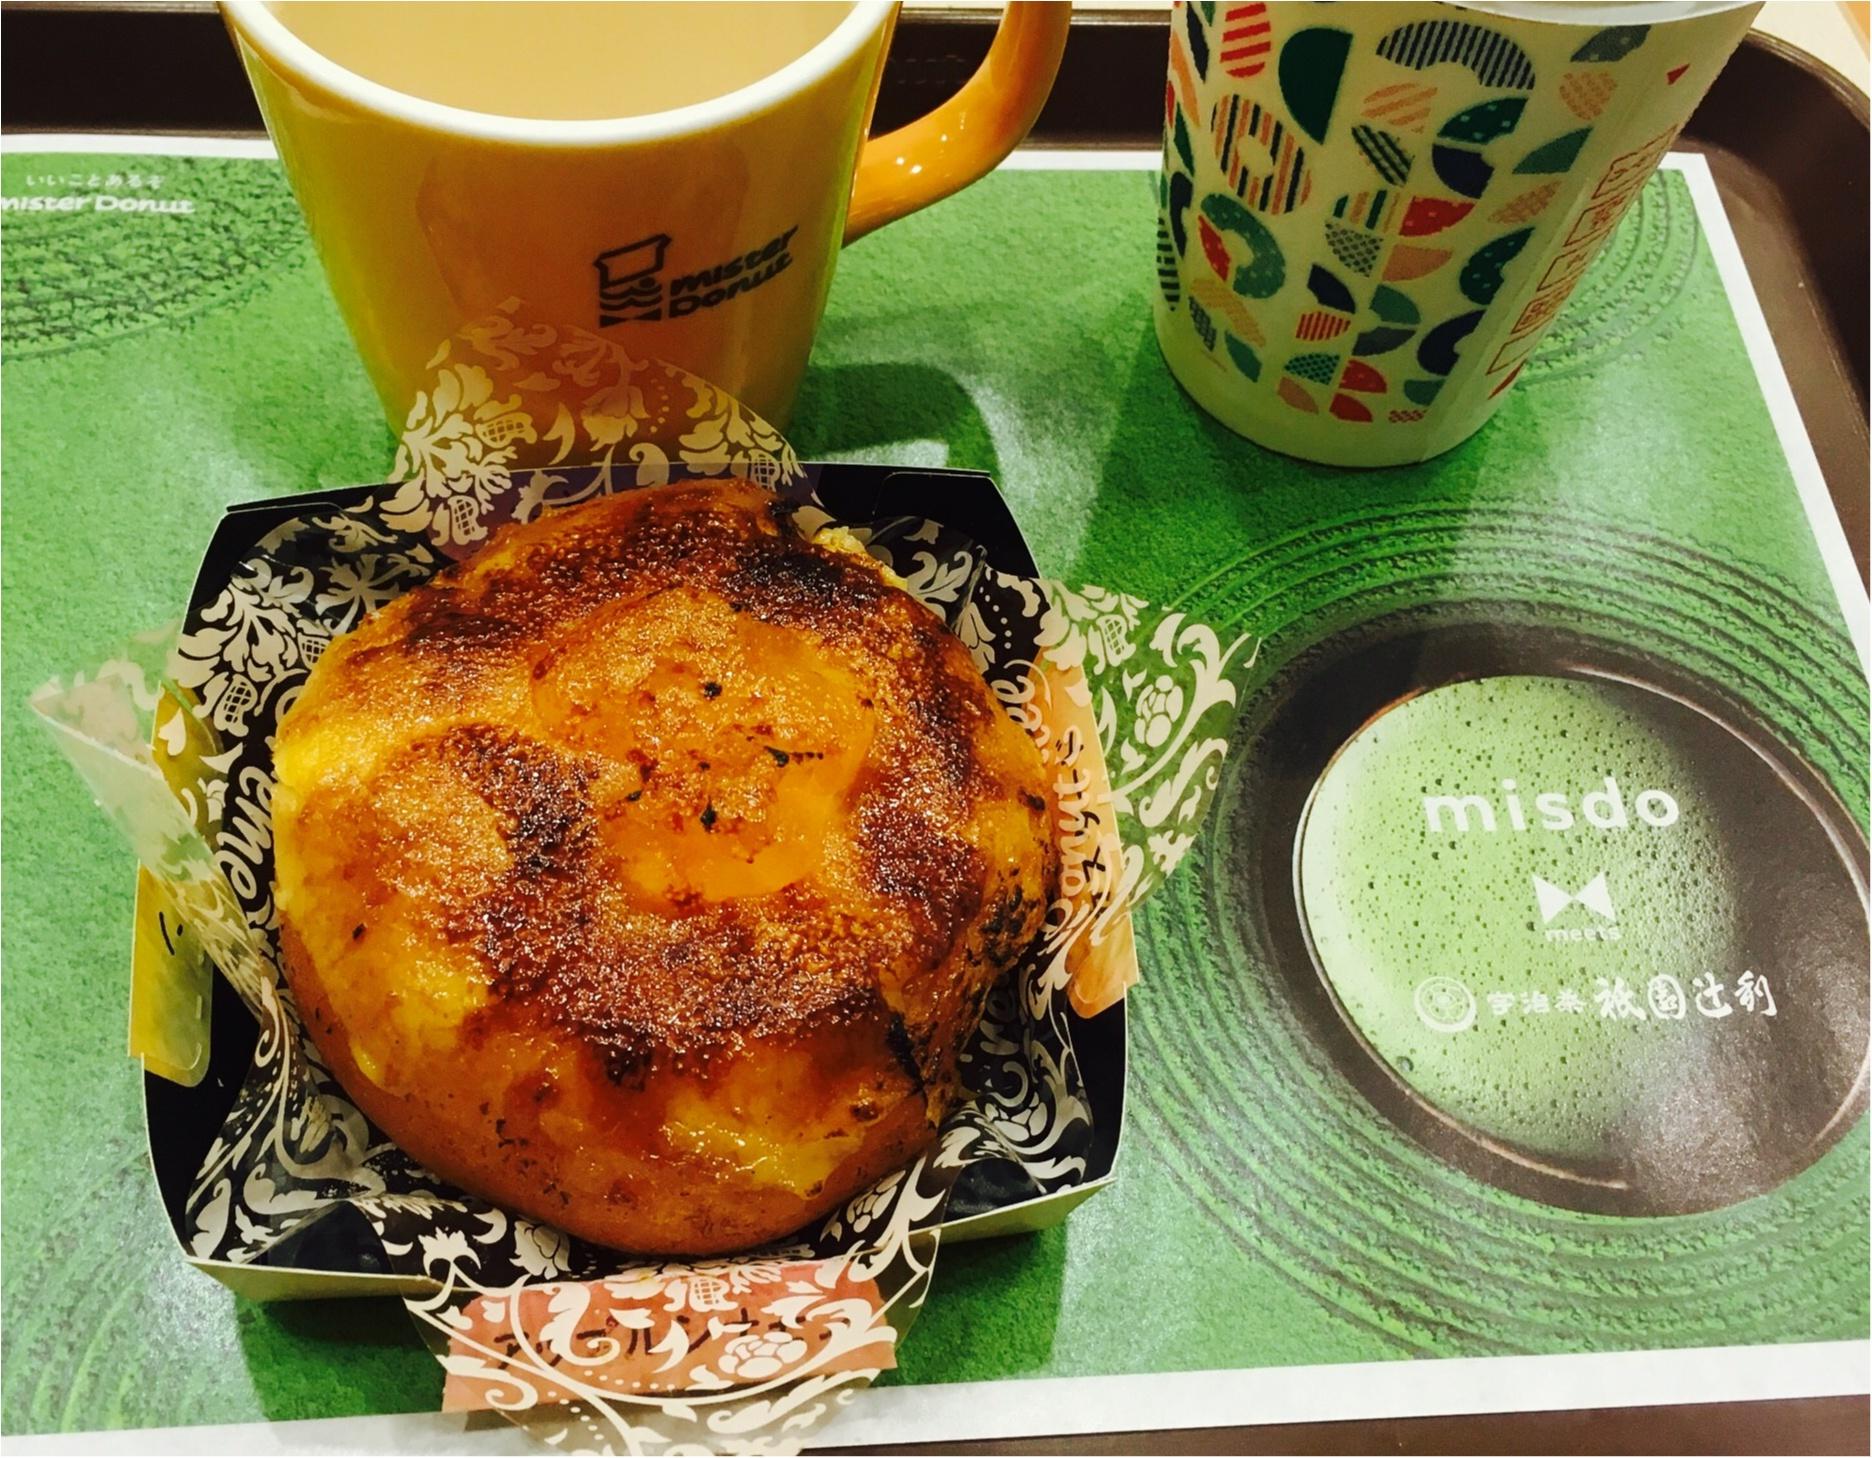 ミスドの新作アップルカスタードパイを食べてみました♪_2